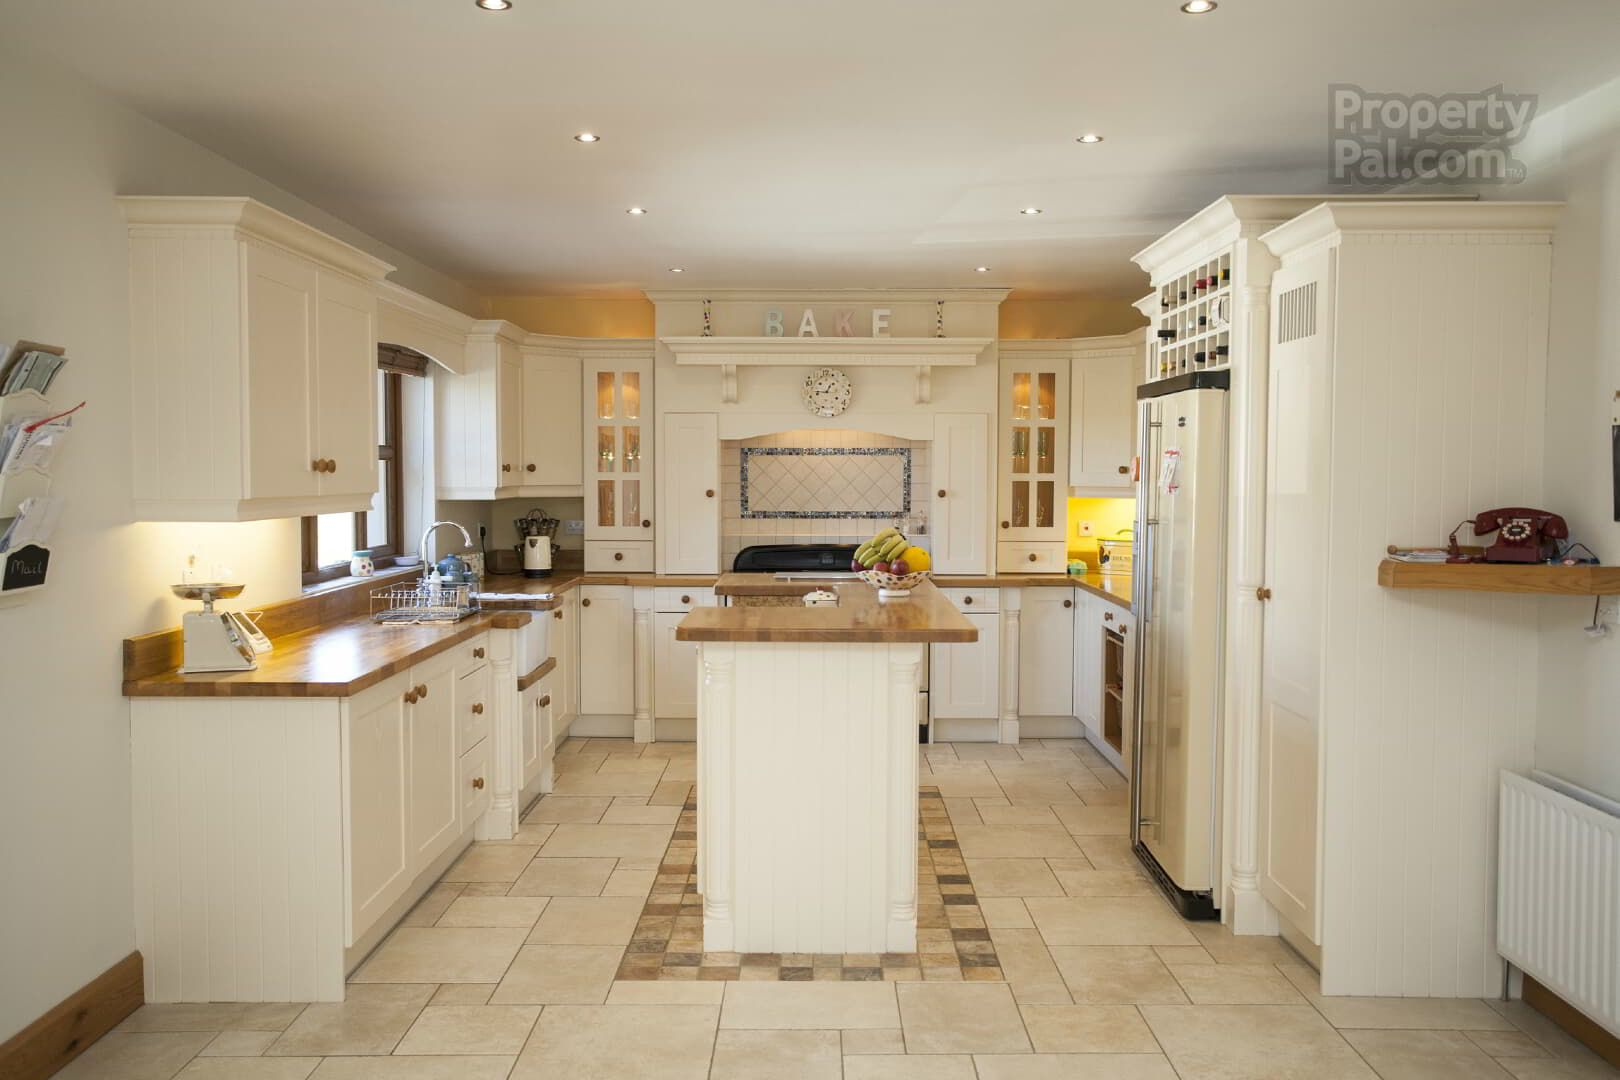 15 Peeltown Lane, Cloughey #kitchen